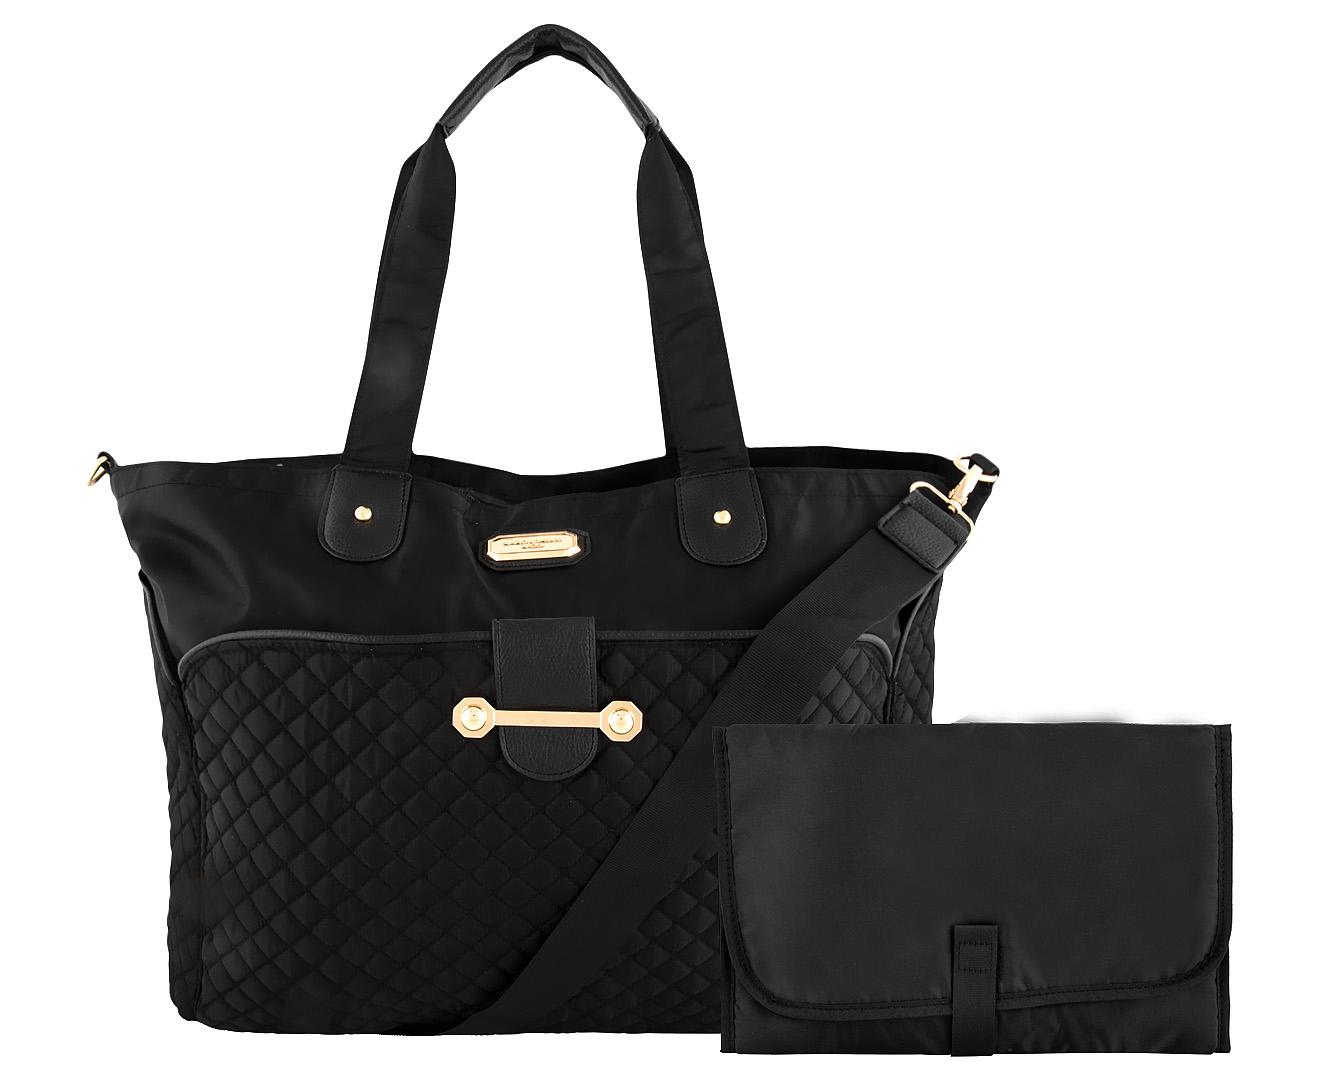 1631ac2f06c Kardashian Kids Nappy Bag - Black | Catch.com.au